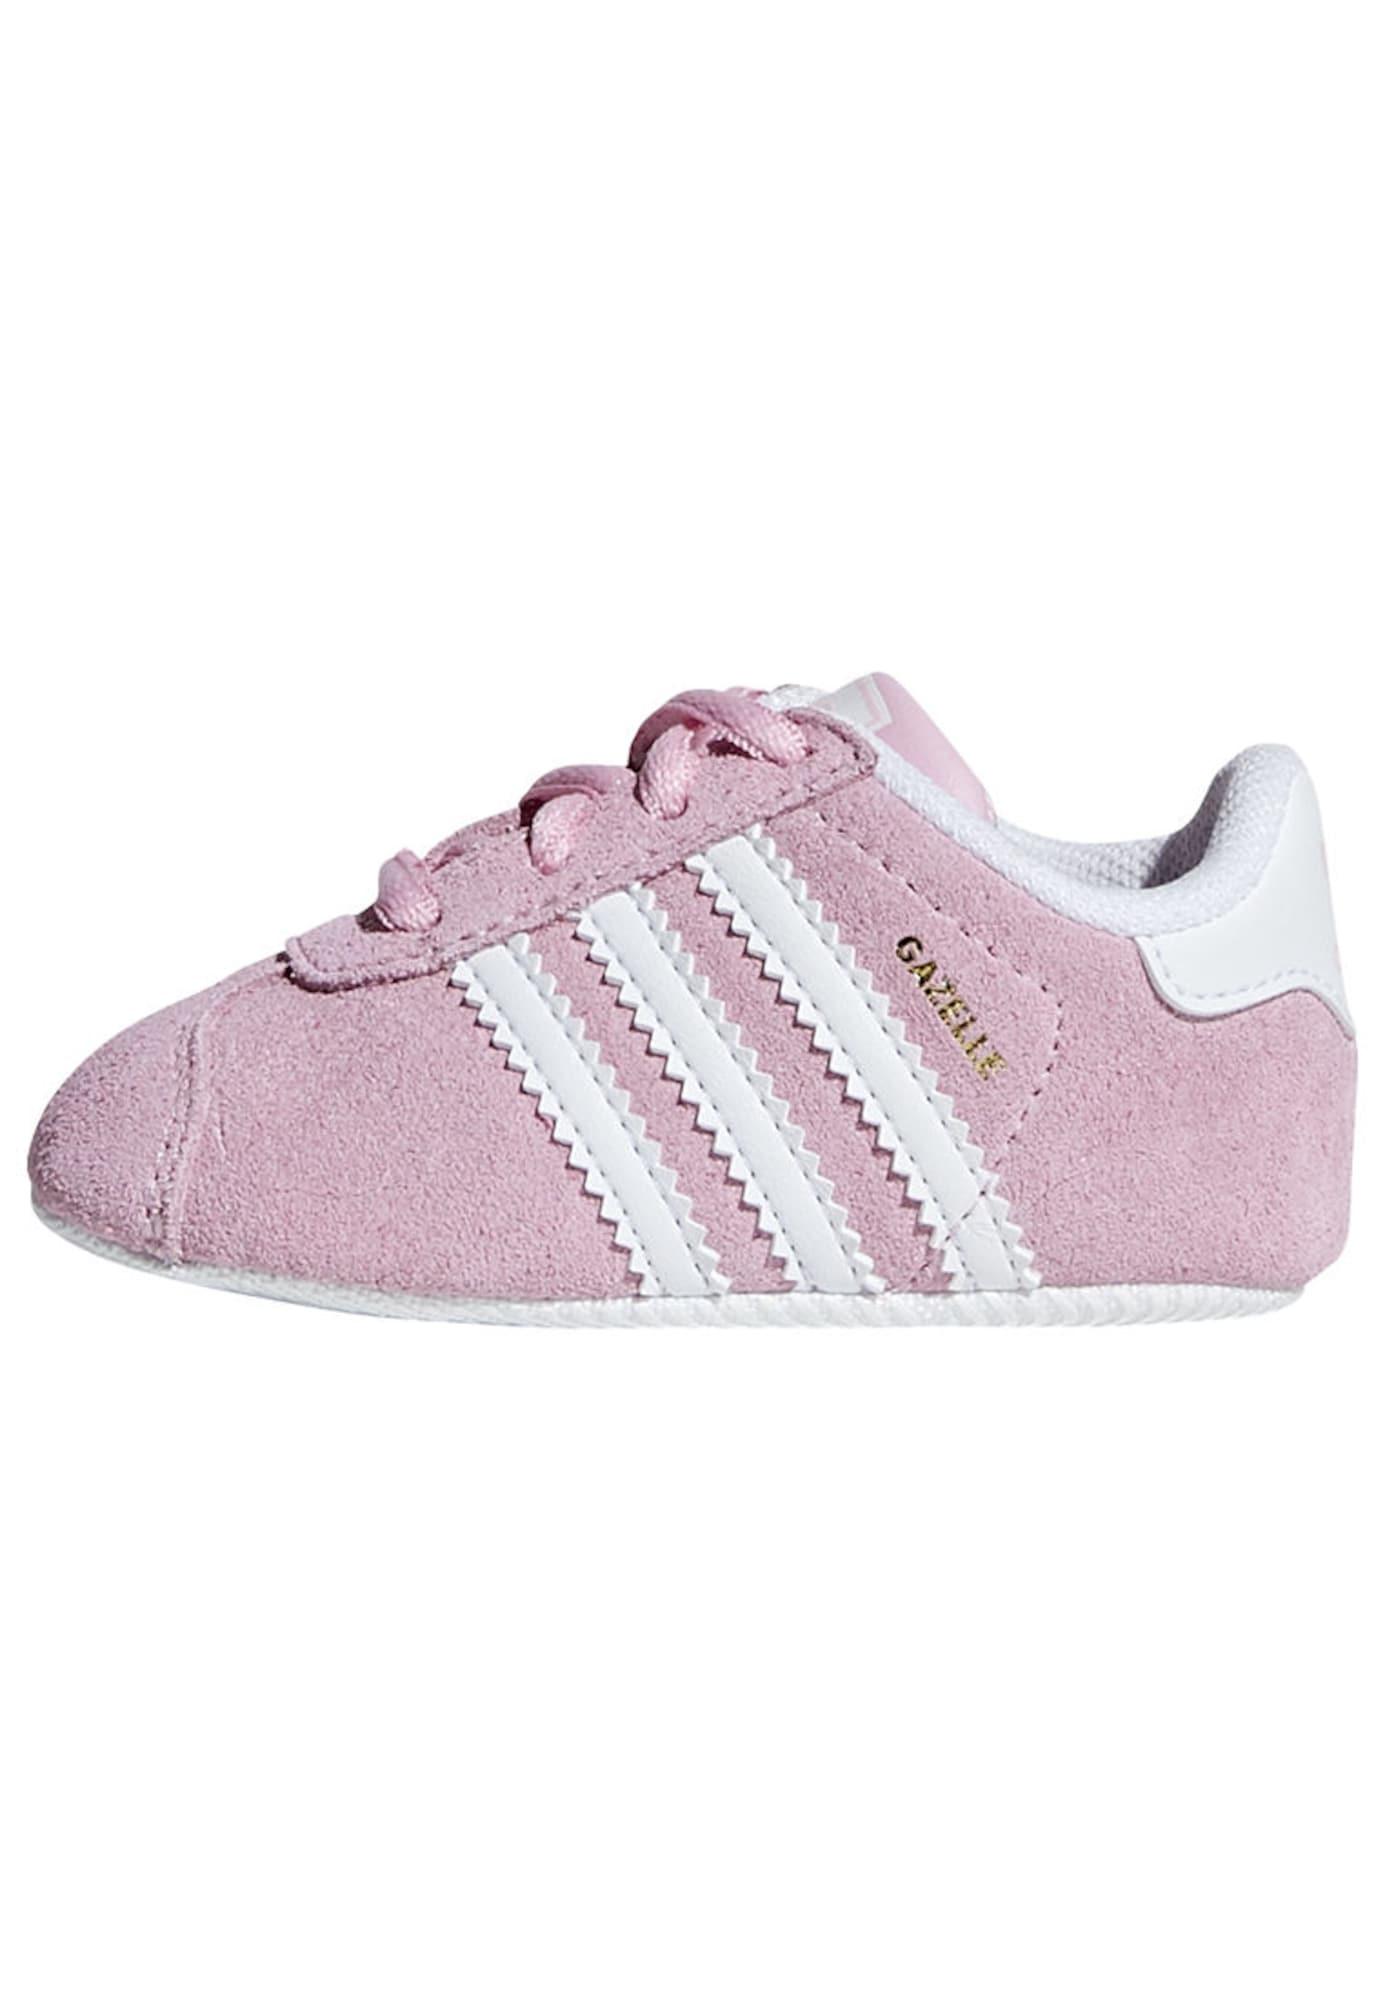 ADIDAS ORIGINALS Pirmieji vaiko vaikščiojimo bateliai 'Cazelle Crib' balta / rožių spalva